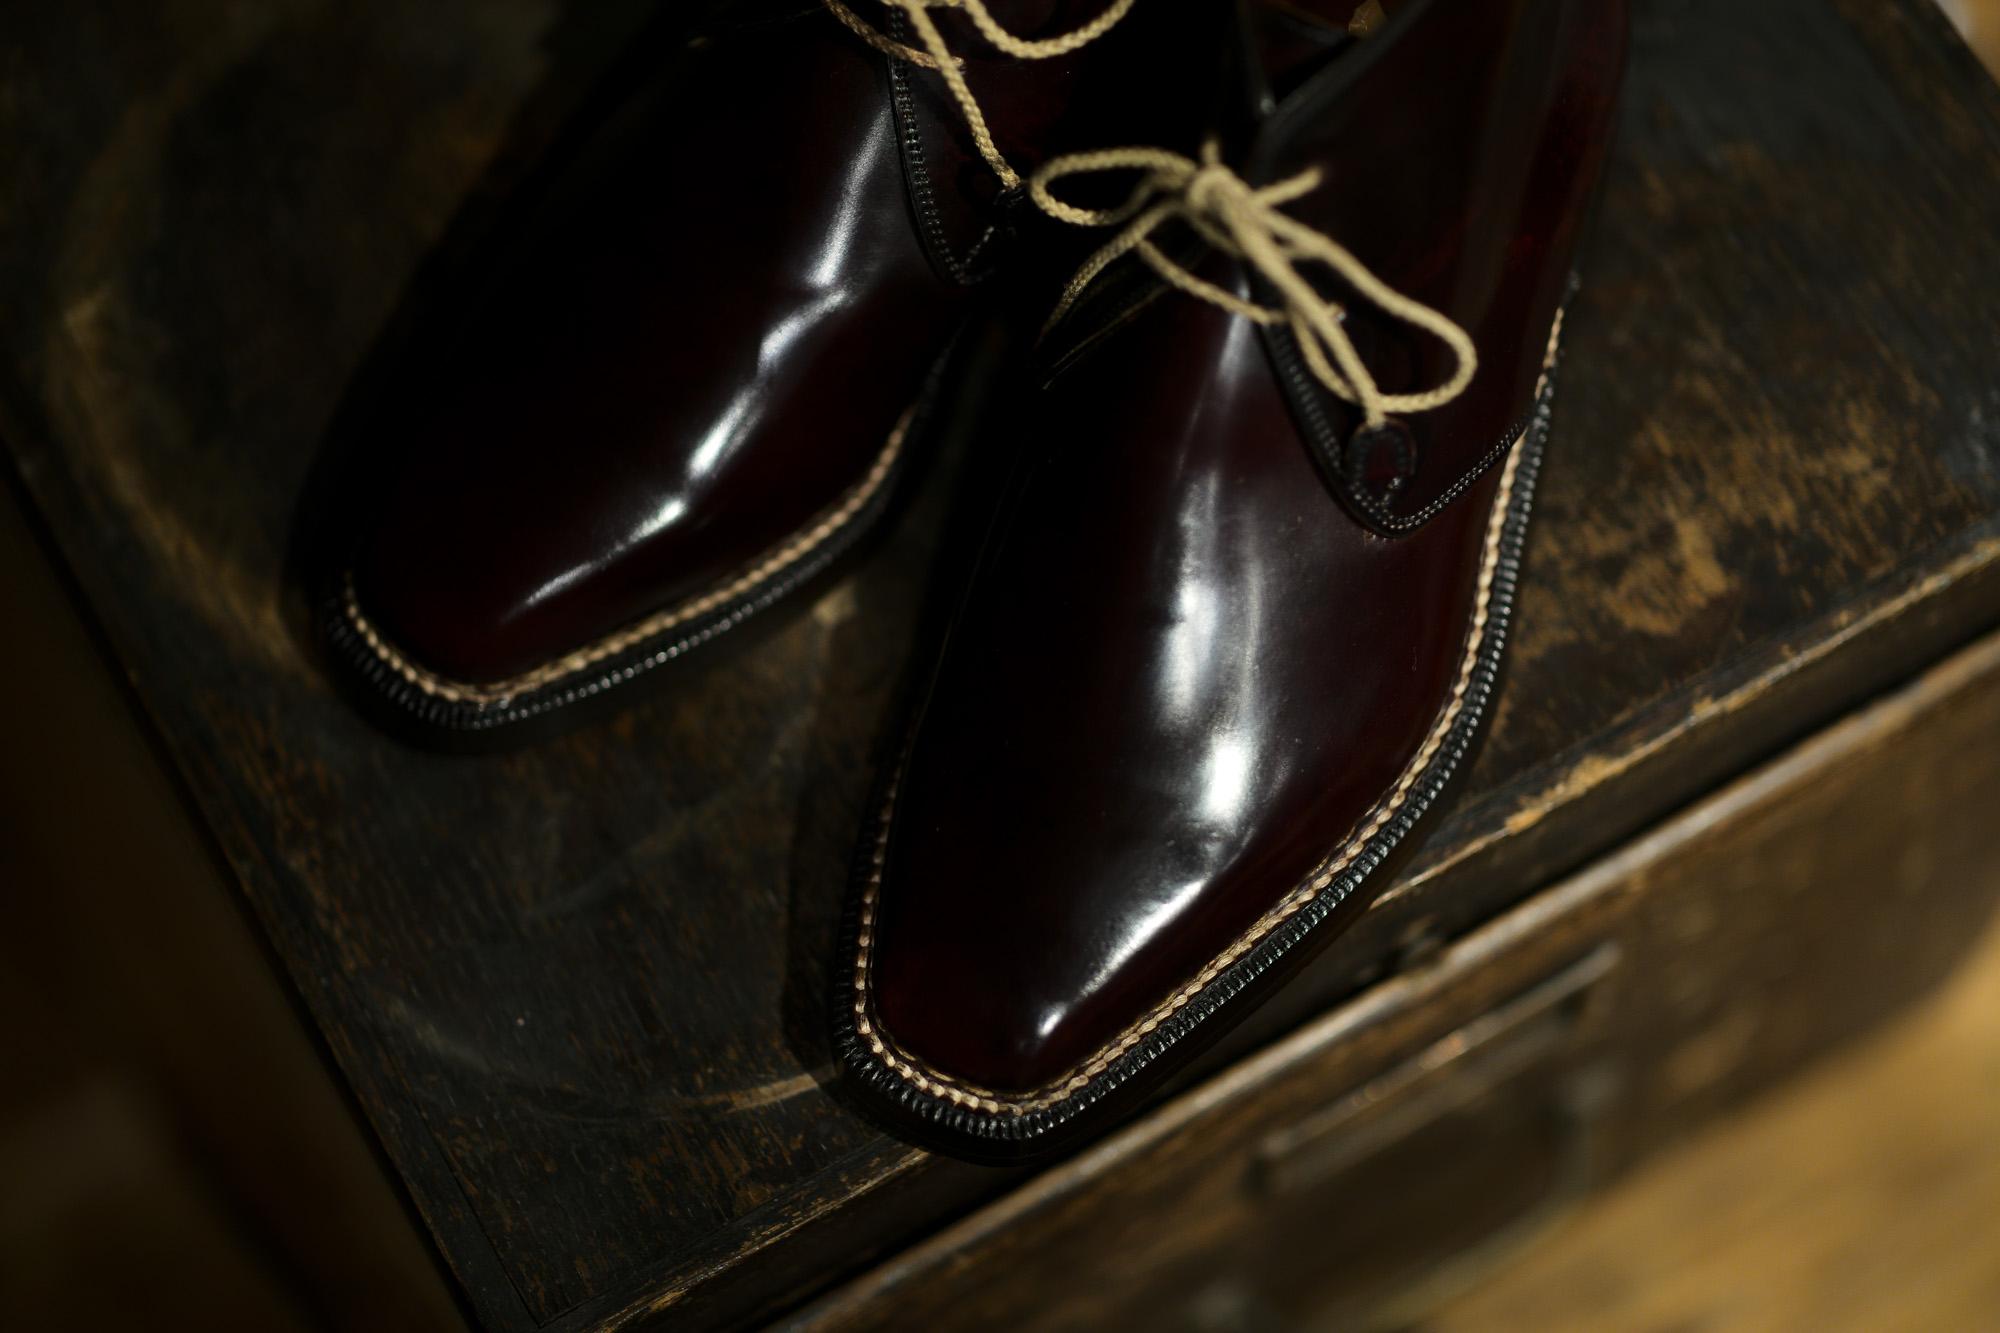 ENZO BONAFE(エンツォボナフェ) ART.3722 Chukka boots チャッカブーツ Horween Shell Cordovan Leather ホーウィン社 シェルコードバンレザー ノルベジェーゼ製法 チャッカブーツ コードバンブーツ No.8(バーガンディー)  made in italy (イタリア製)  愛知 名古屋 Alto e Diritto アルト エ デリット エンツォボナフェ コードバン チャッカ 5.5,6,6.5,7,7.5,8,8.5,9,9.5